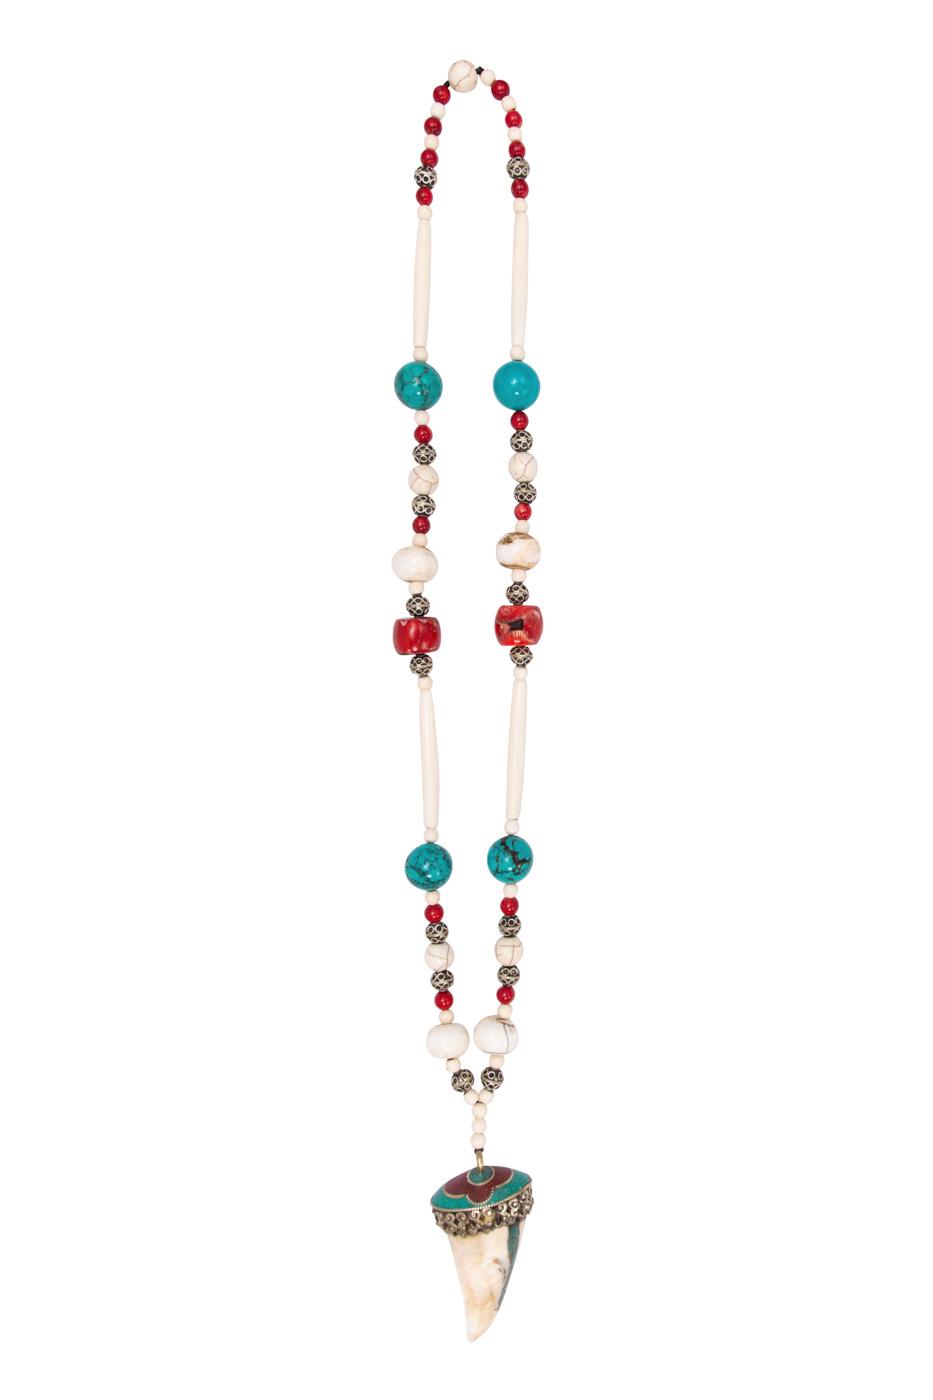 Collar turquesa, coral rojo y hueso natural.